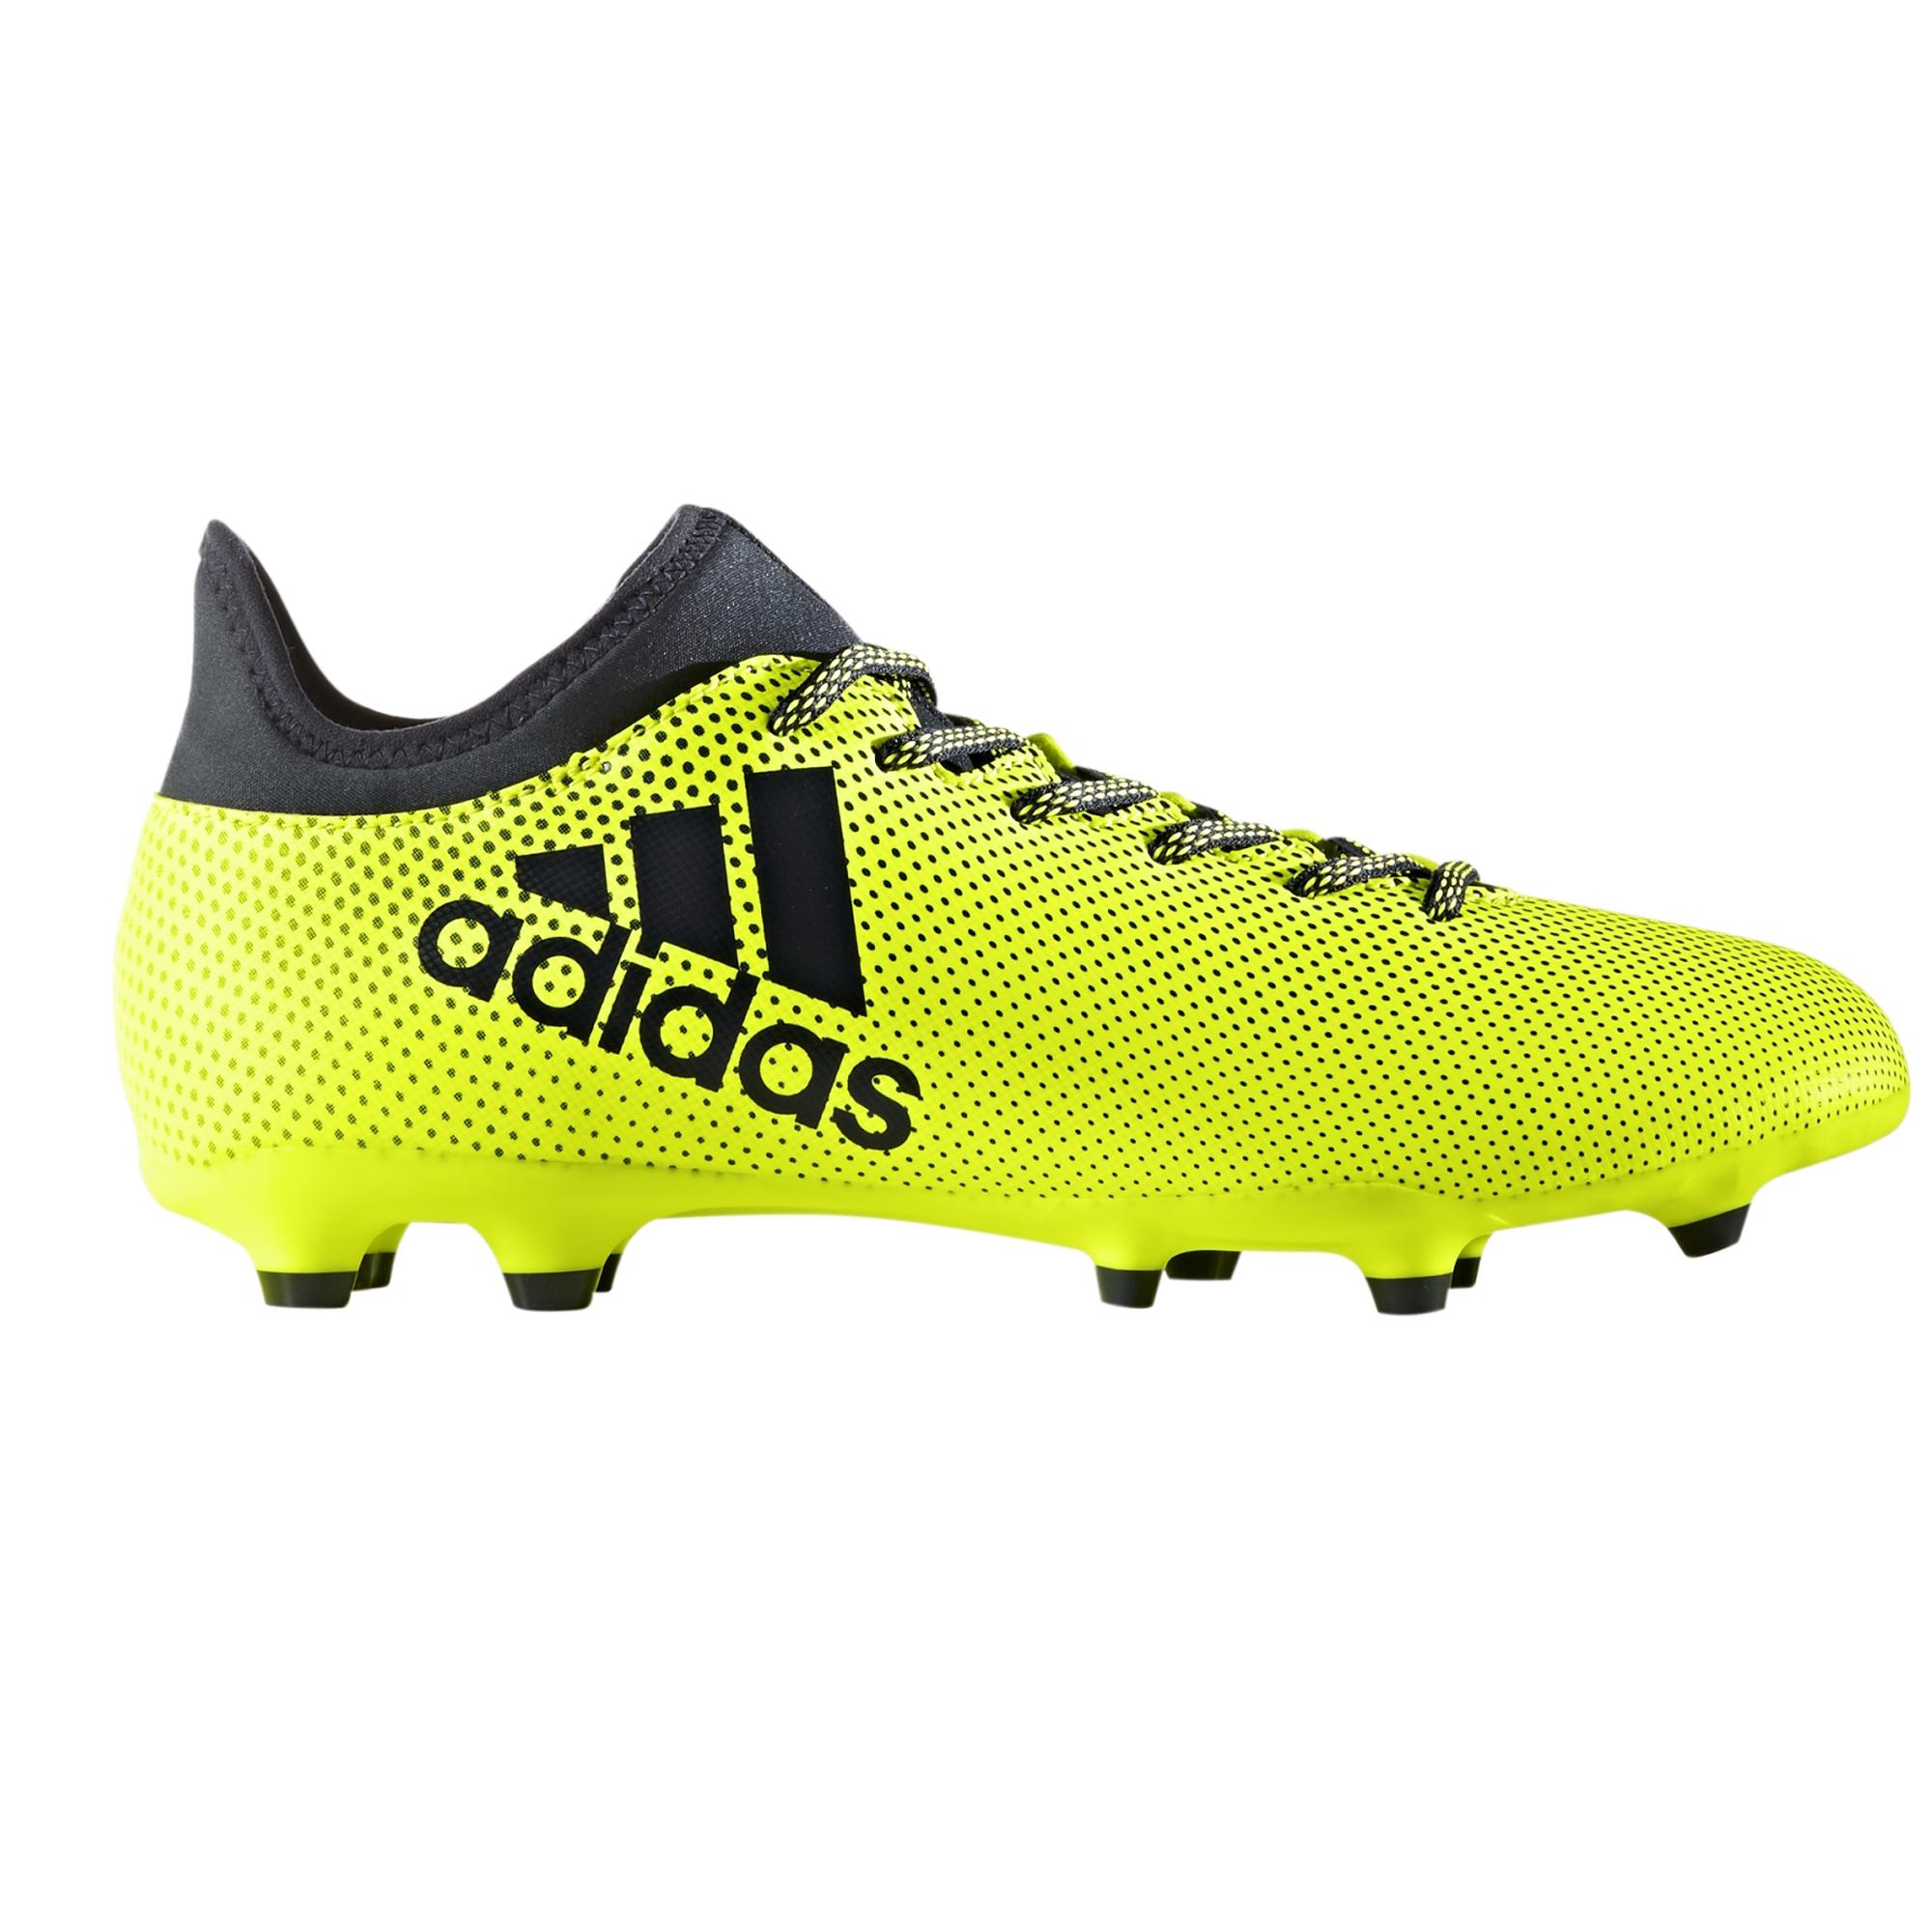 3f9d01da2541 Adidas Men s X 17.3 Firm Ground Football Boot